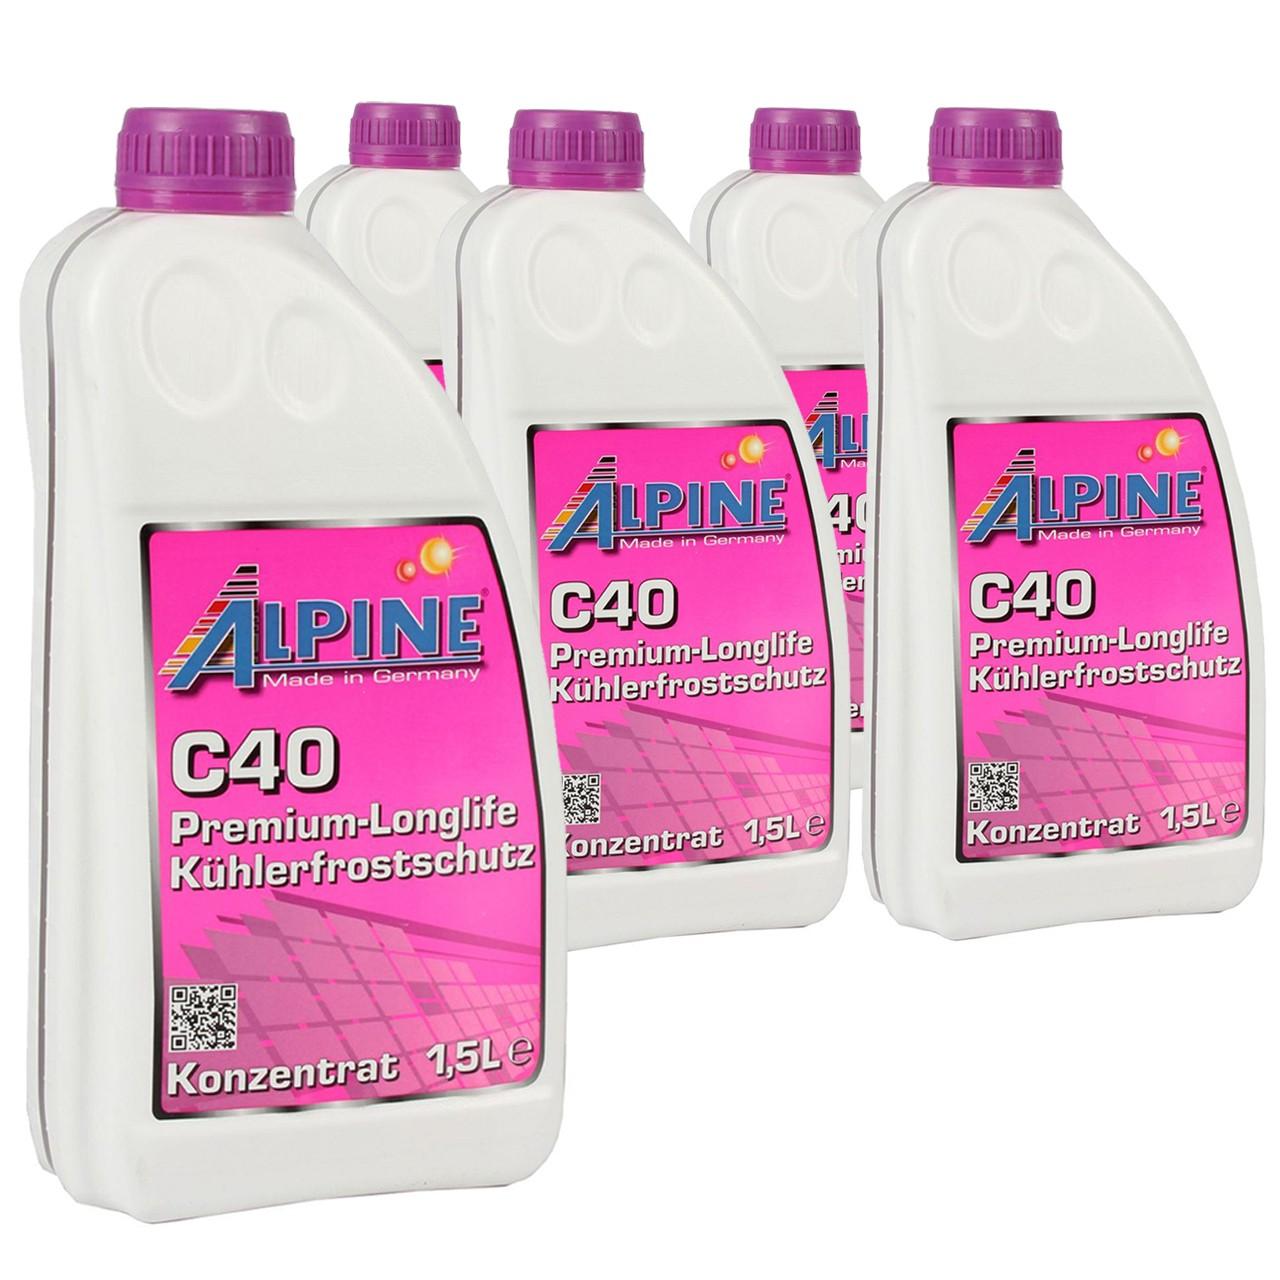 7,5 Liter 7,5L ALPINE Frostschutz Kühler Kühlerfrostschutz Konzentrat C40 G40